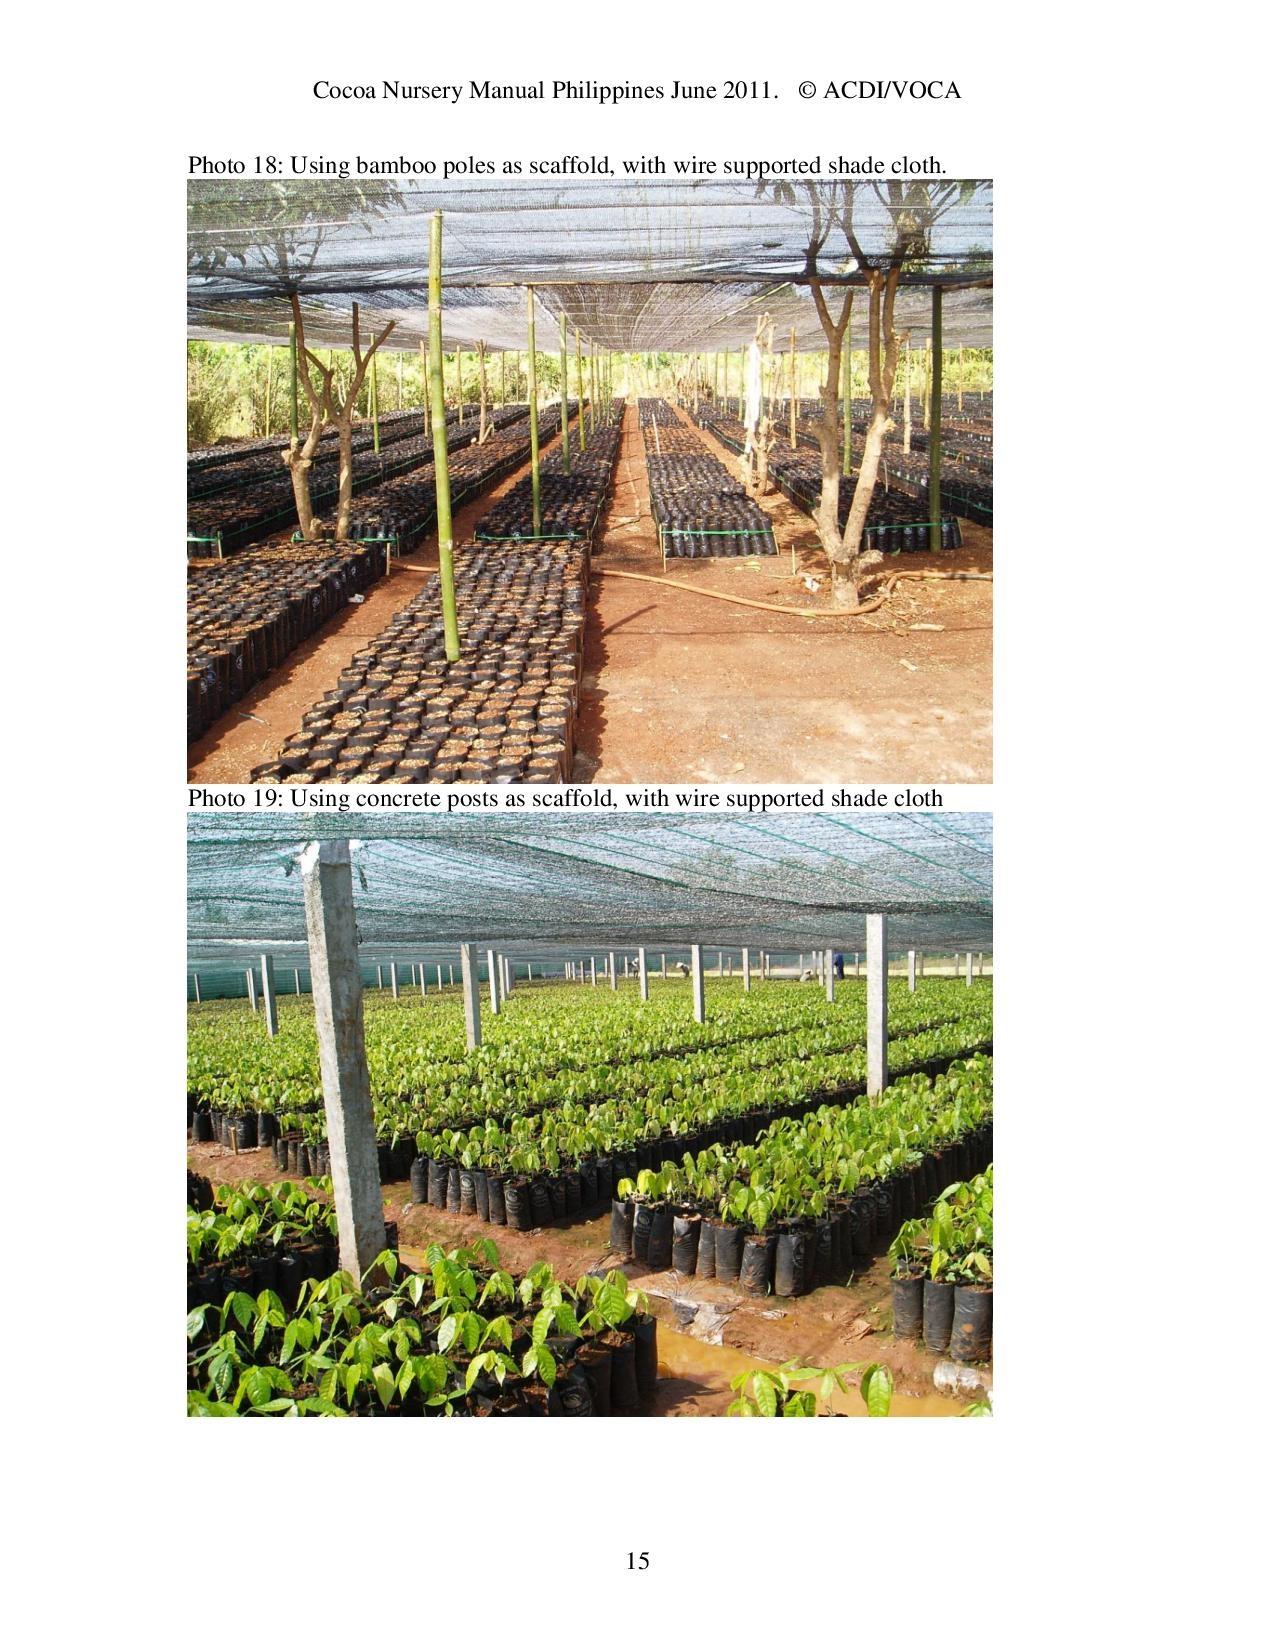 Cocoa-Nursery-Manual-2011_acdi-voca-page-015